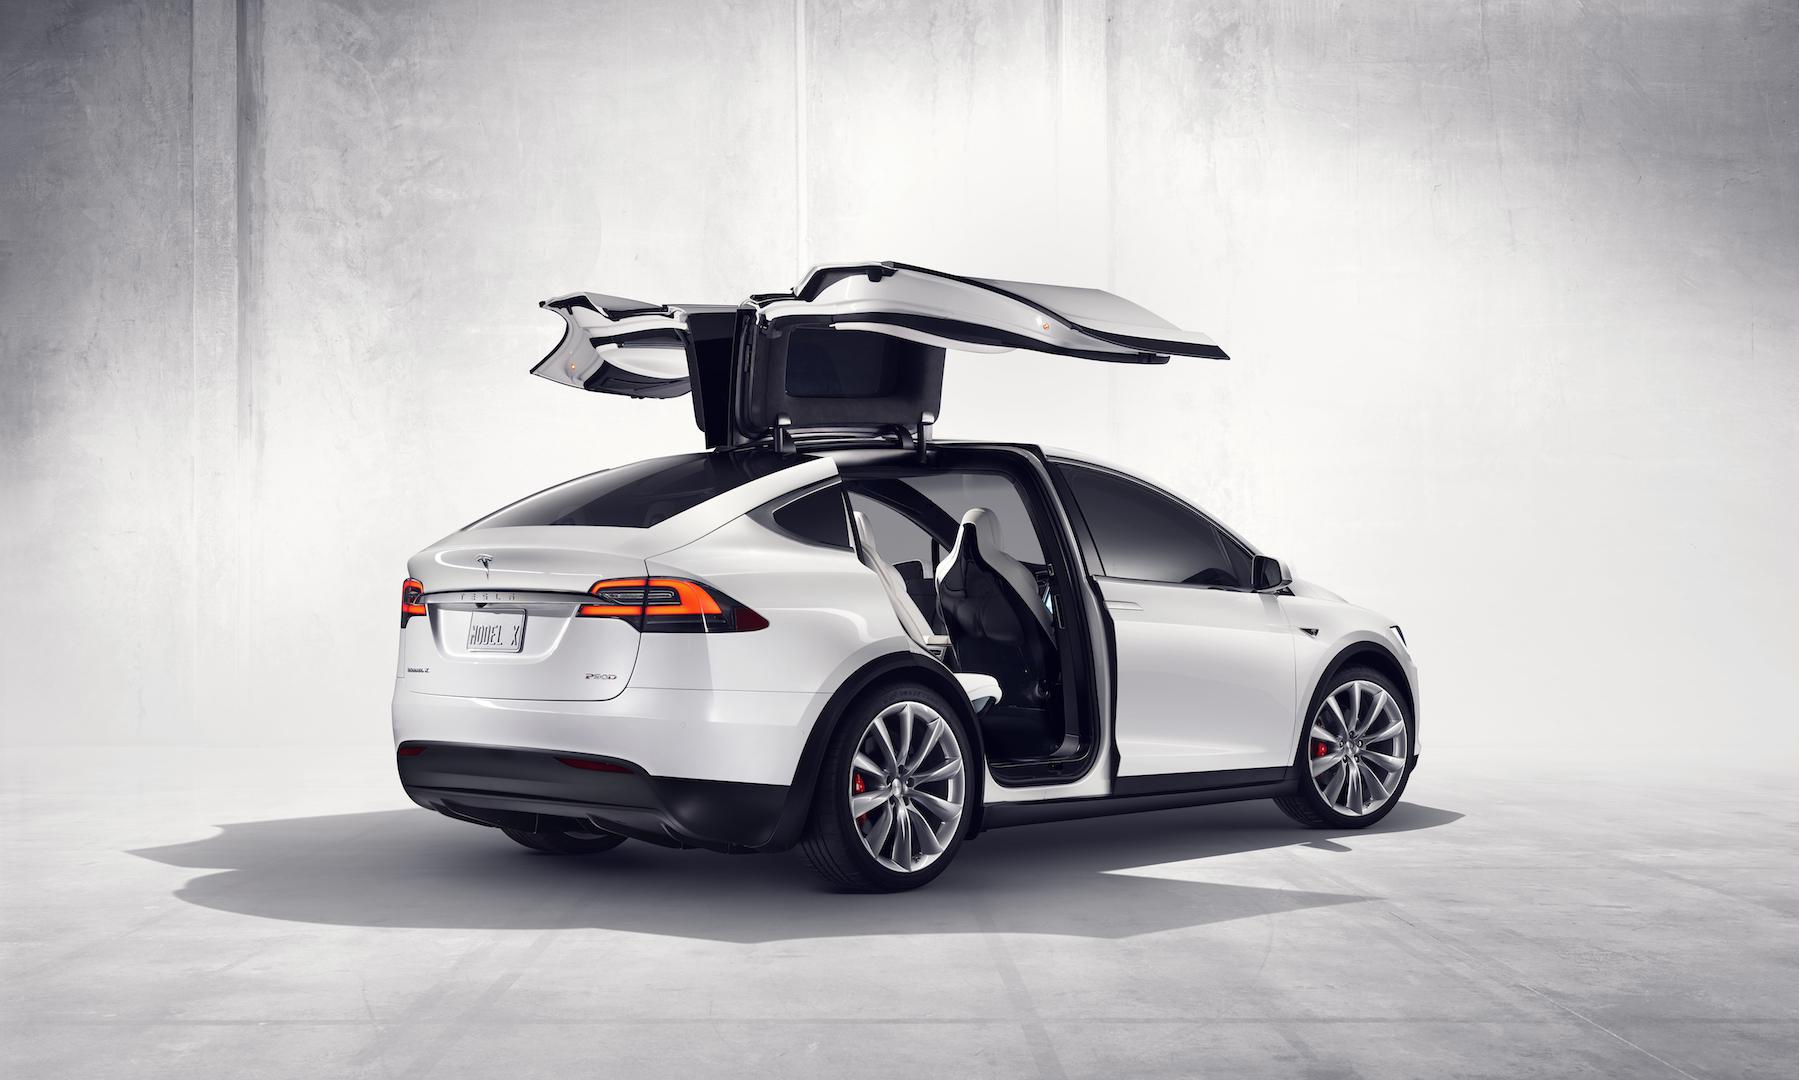 À Bâle, la police suisse va poursuivre les méchants avec des Tesla Model X